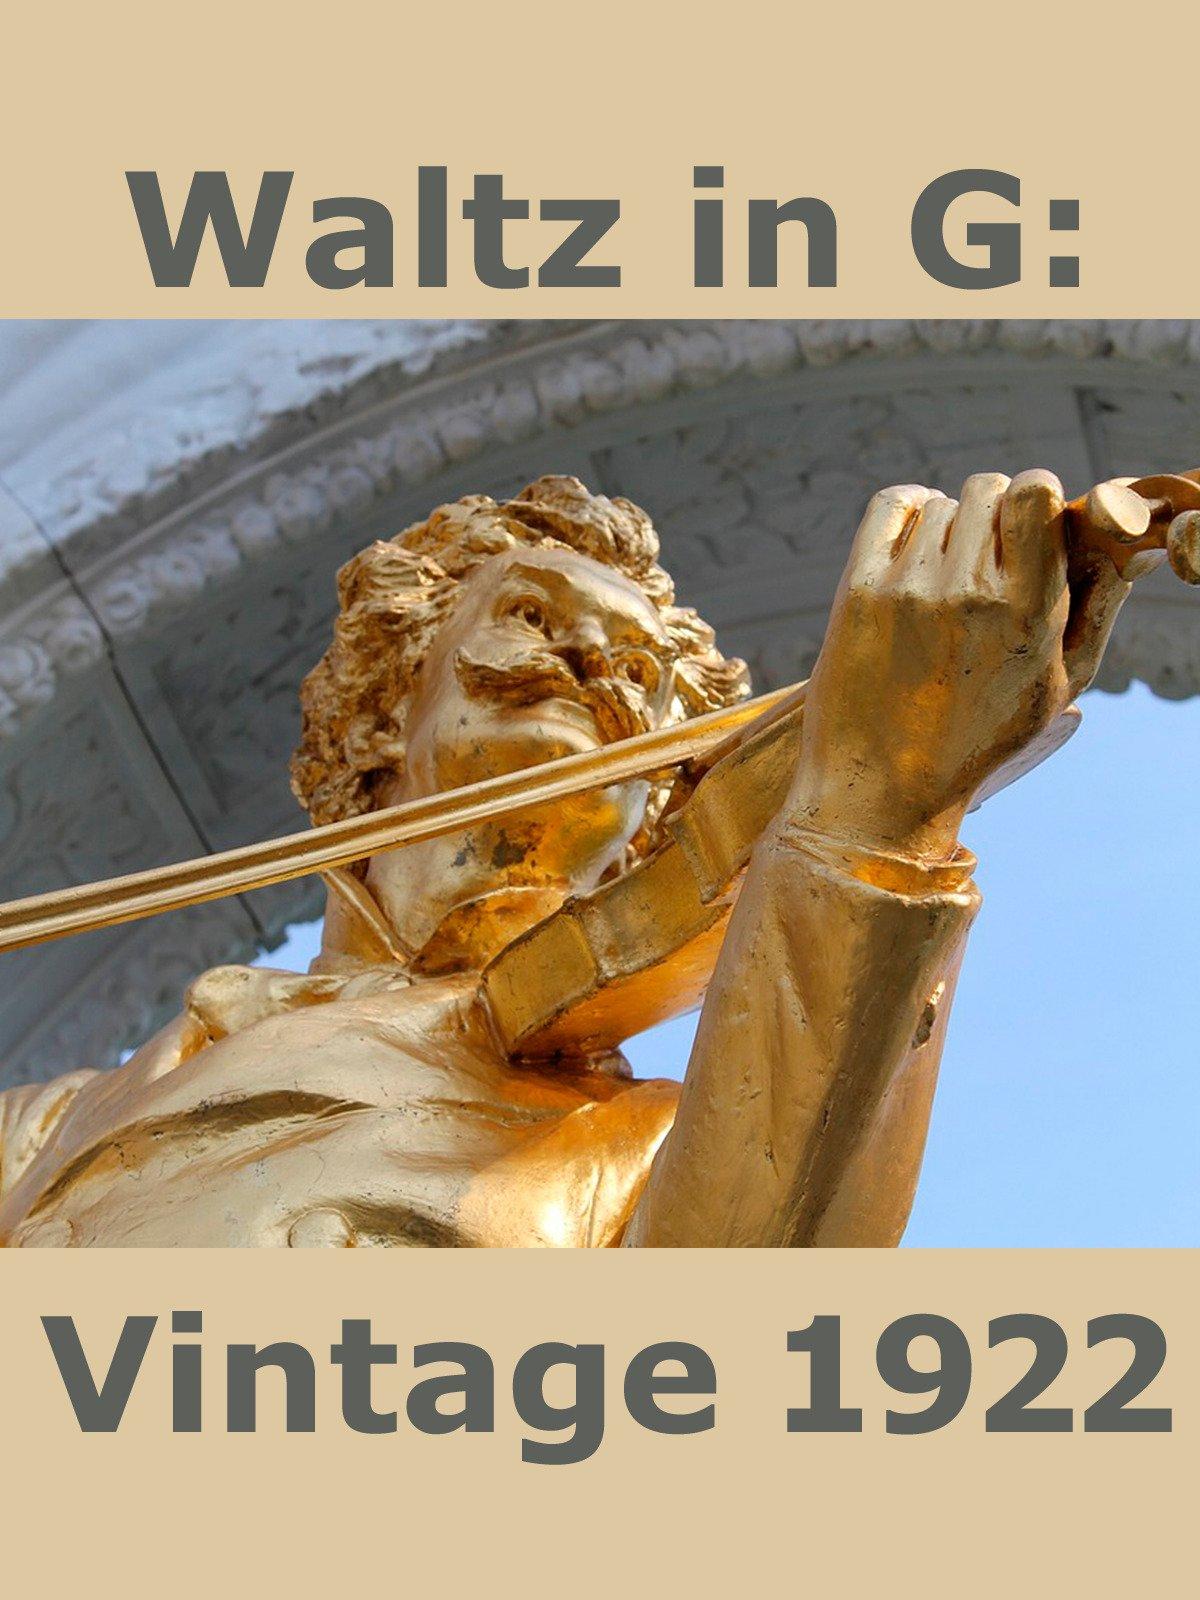 Waltz in G: Vintage 1922